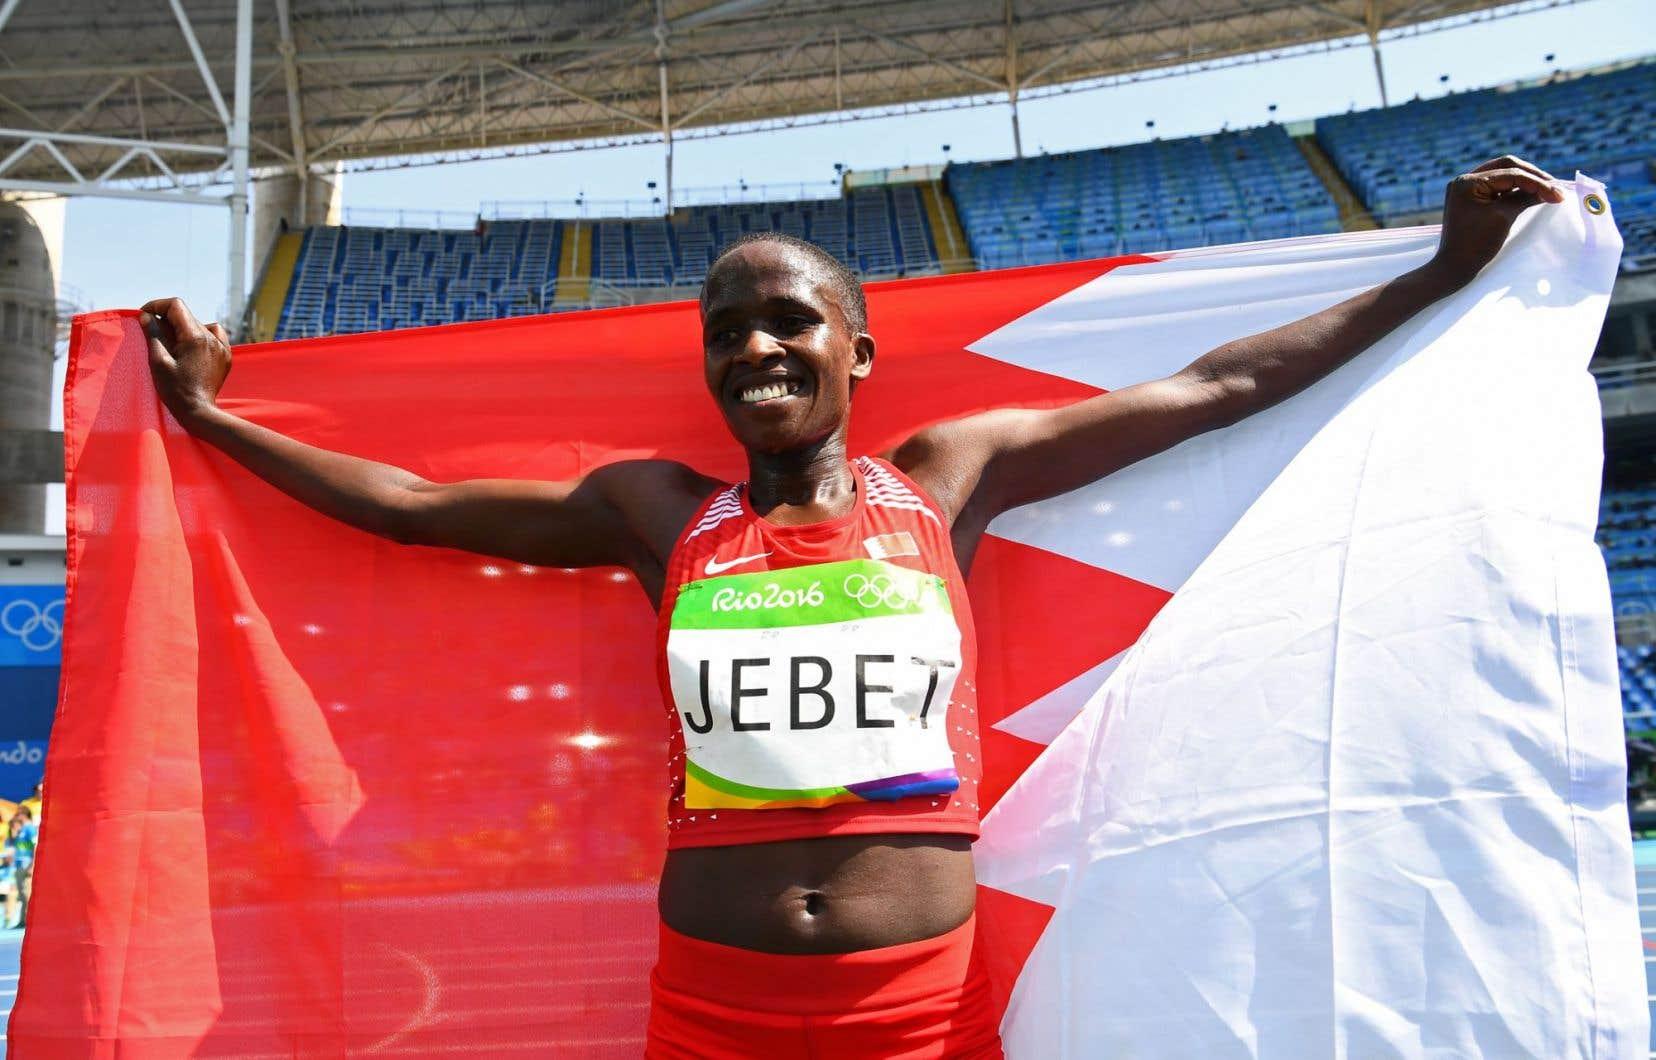 Avec Ruth Jebet, une Kényane d'origine âgée de 19ans, l'archipel pétrolier a remporté l'or du 3000 mètres steeple féminin aux Jeux de Rio.